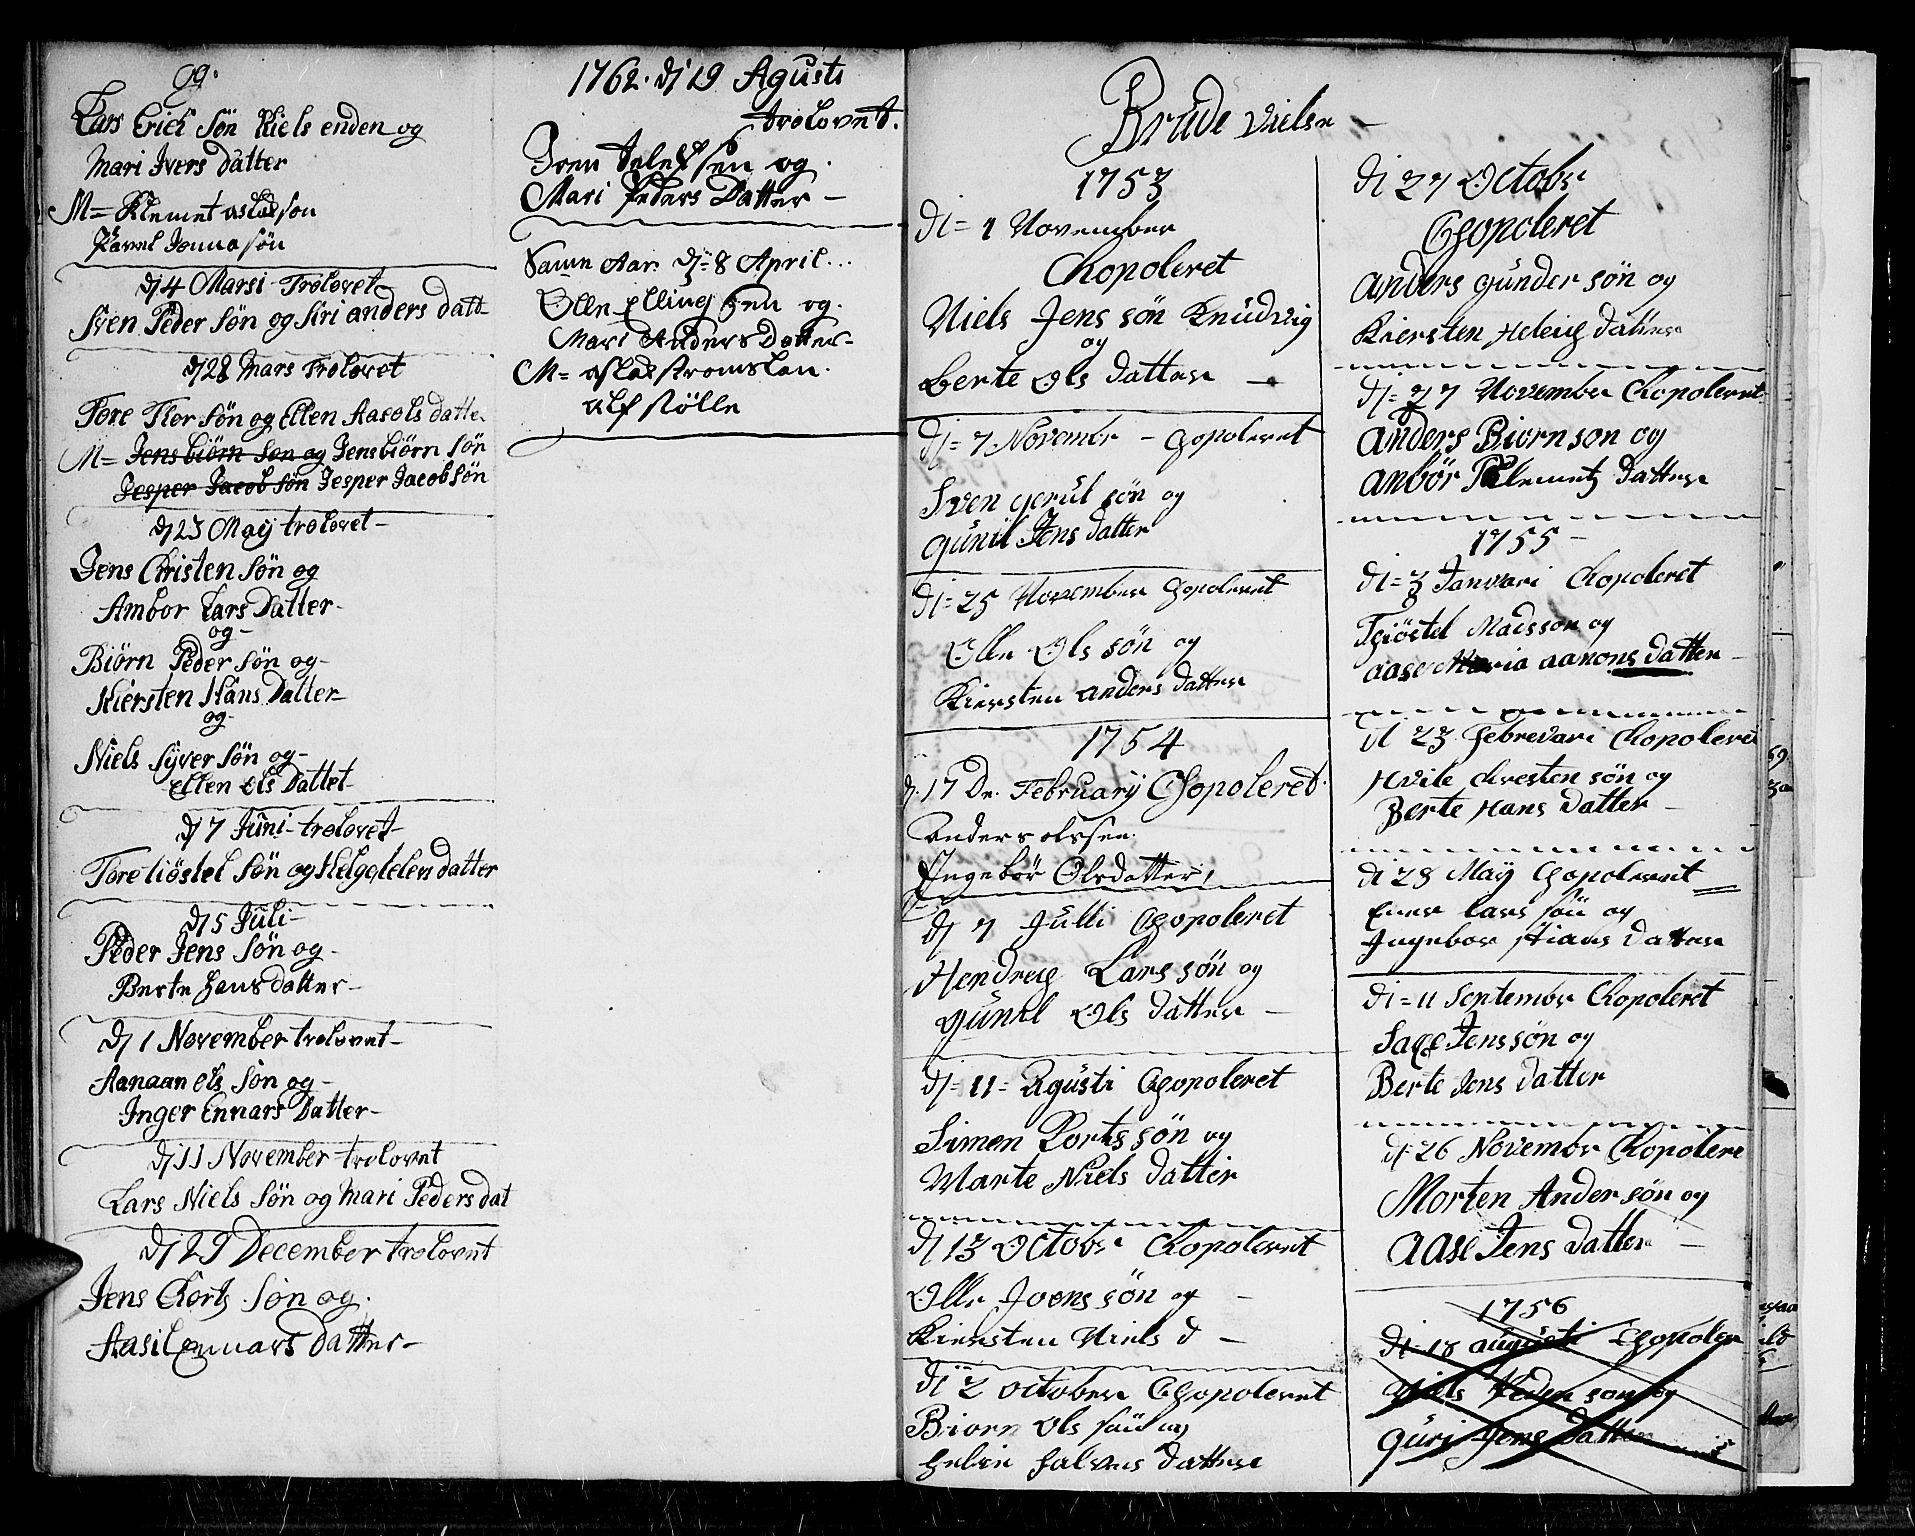 SAK, Dypvåg sokneprestkontor, F/Fb/Fba/L0006: Klokkerbok nr. B 6, 1746-1762, s. 73